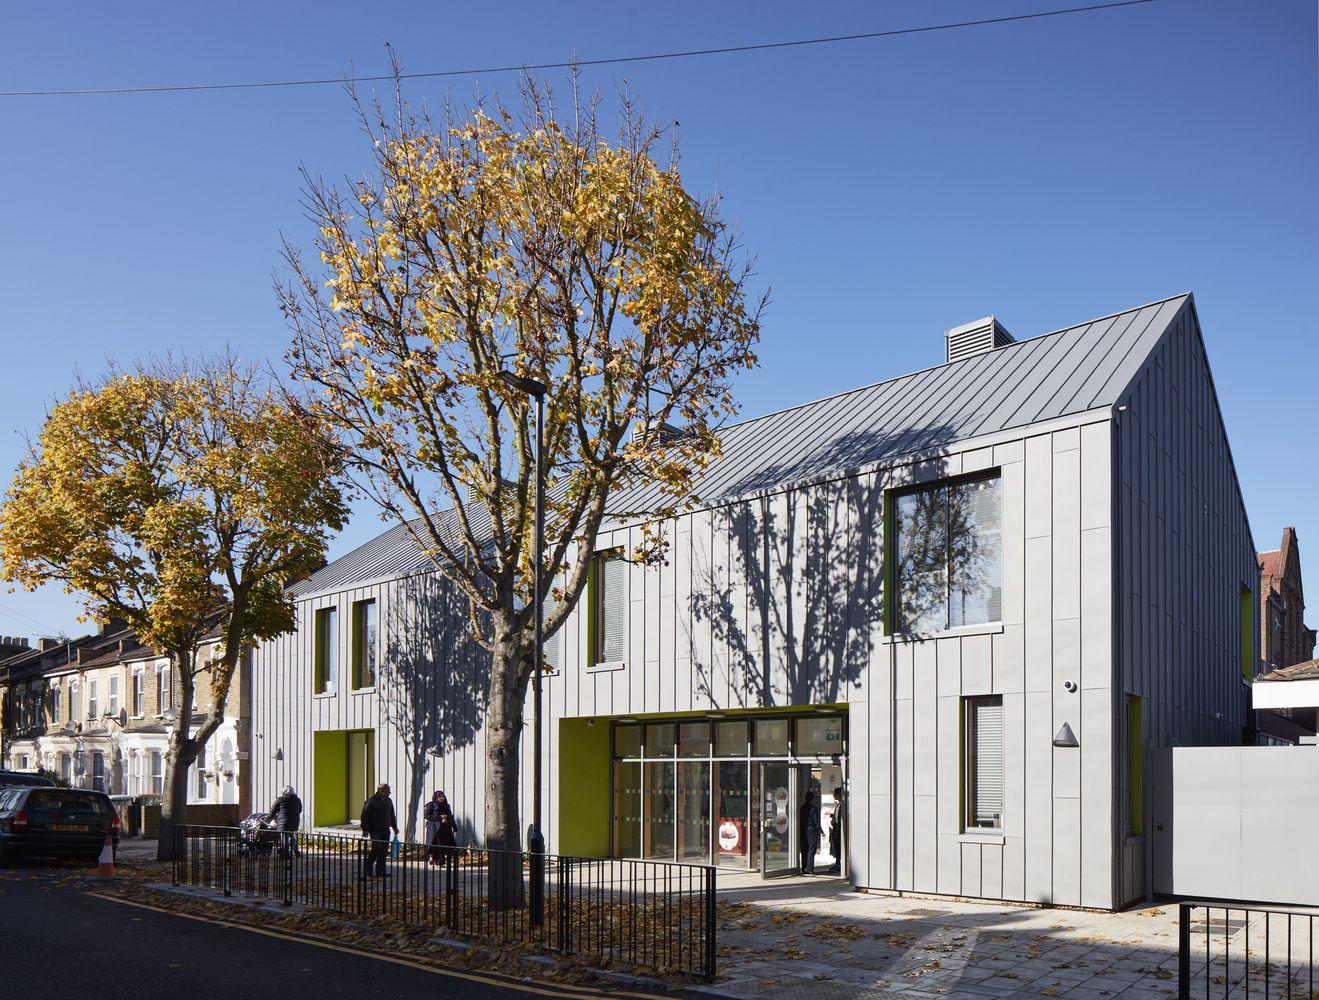 Gallery of Sandringham Primary School / Walters & Cohen